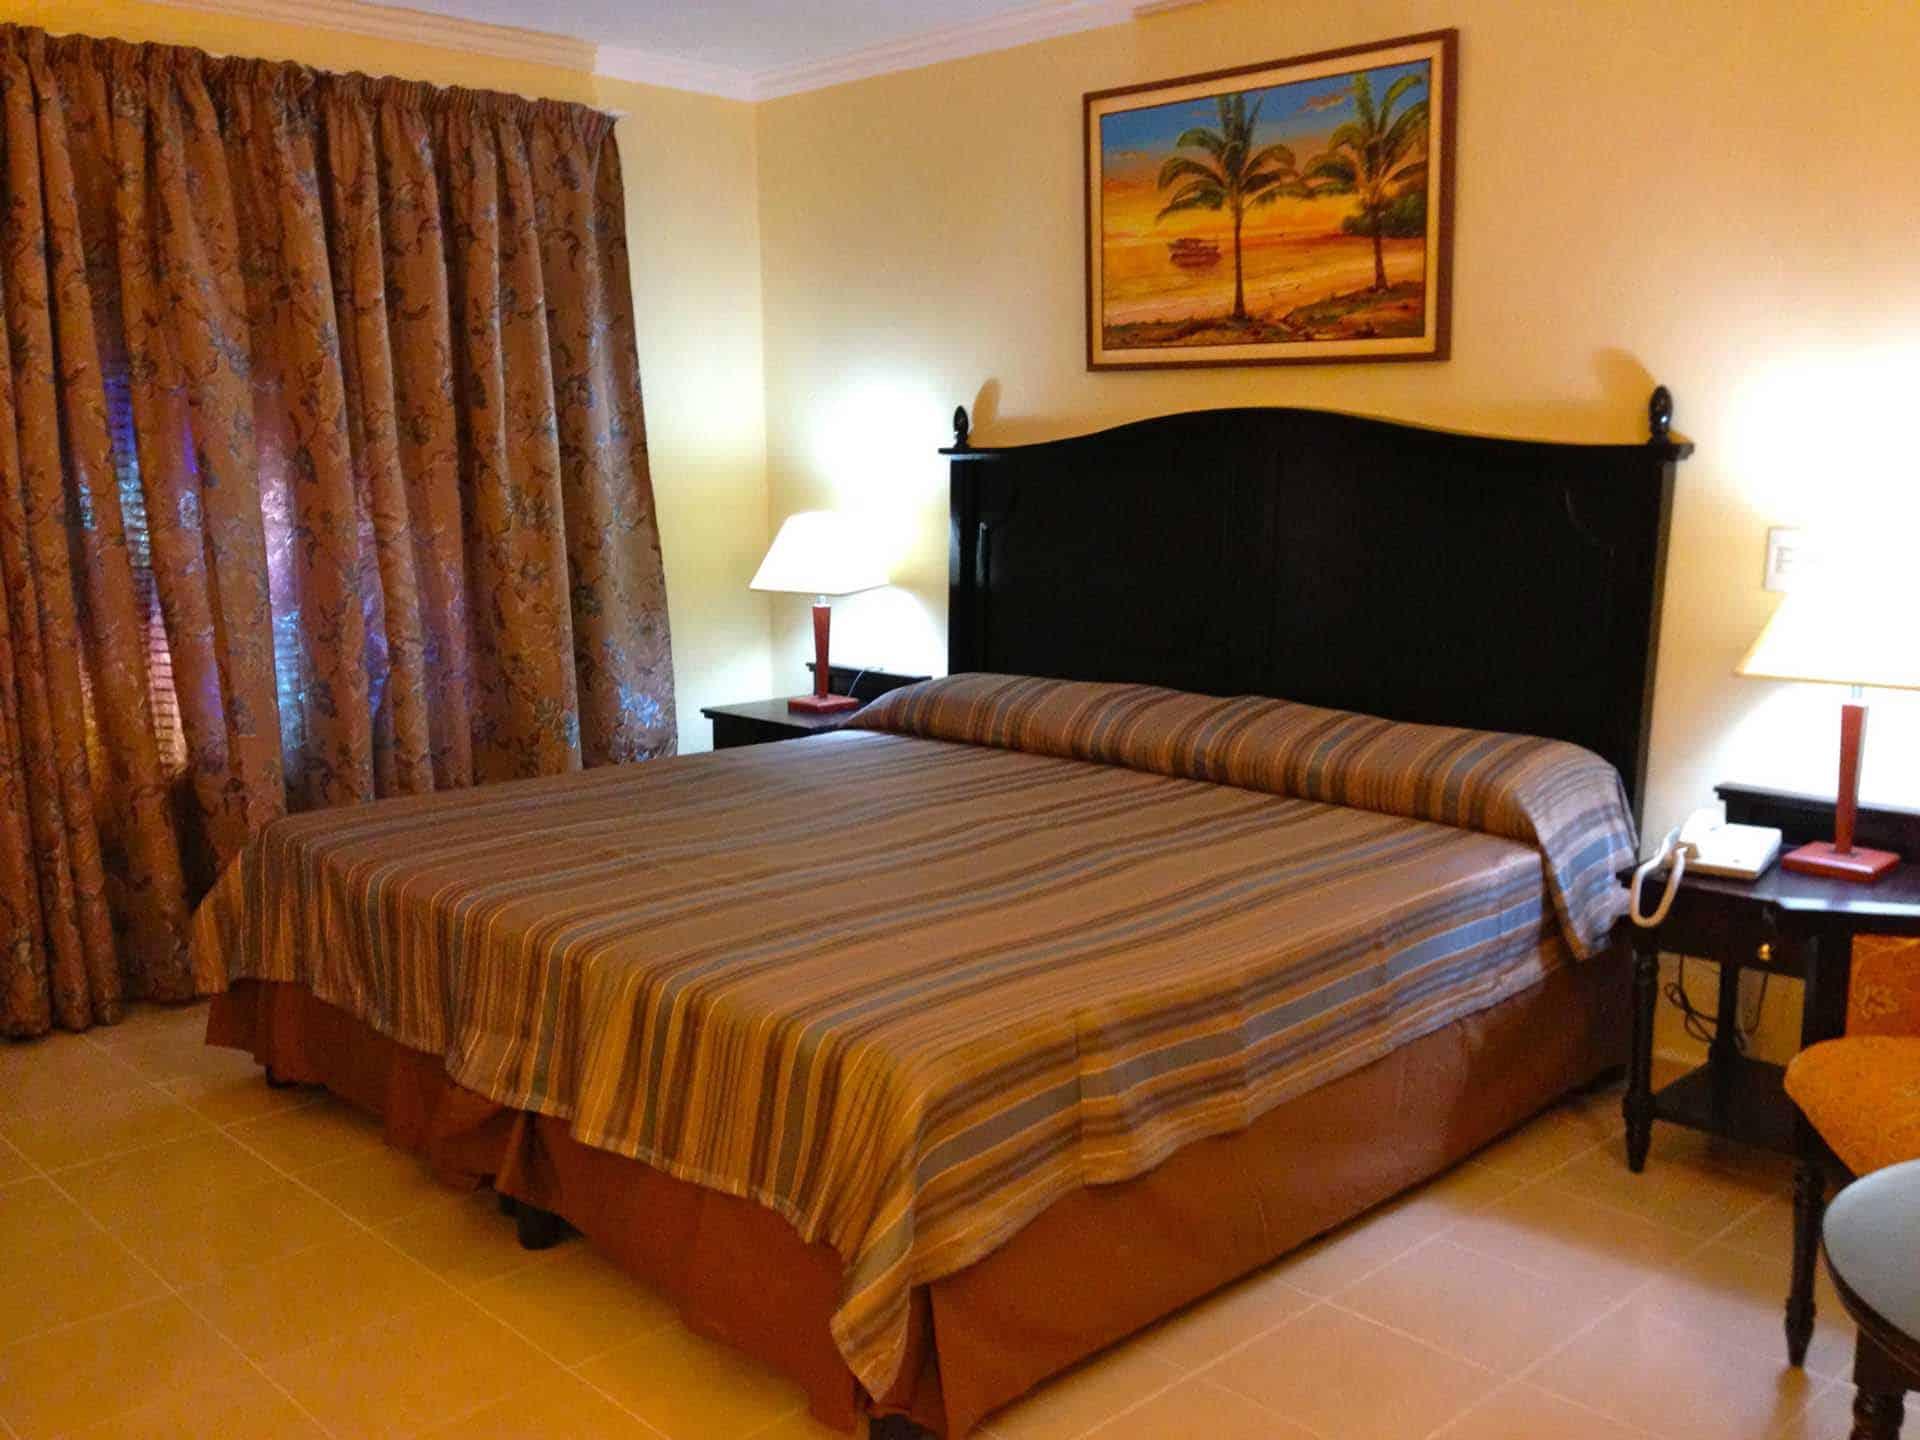 H1951 Hotel Ordono 03 cuba autrement